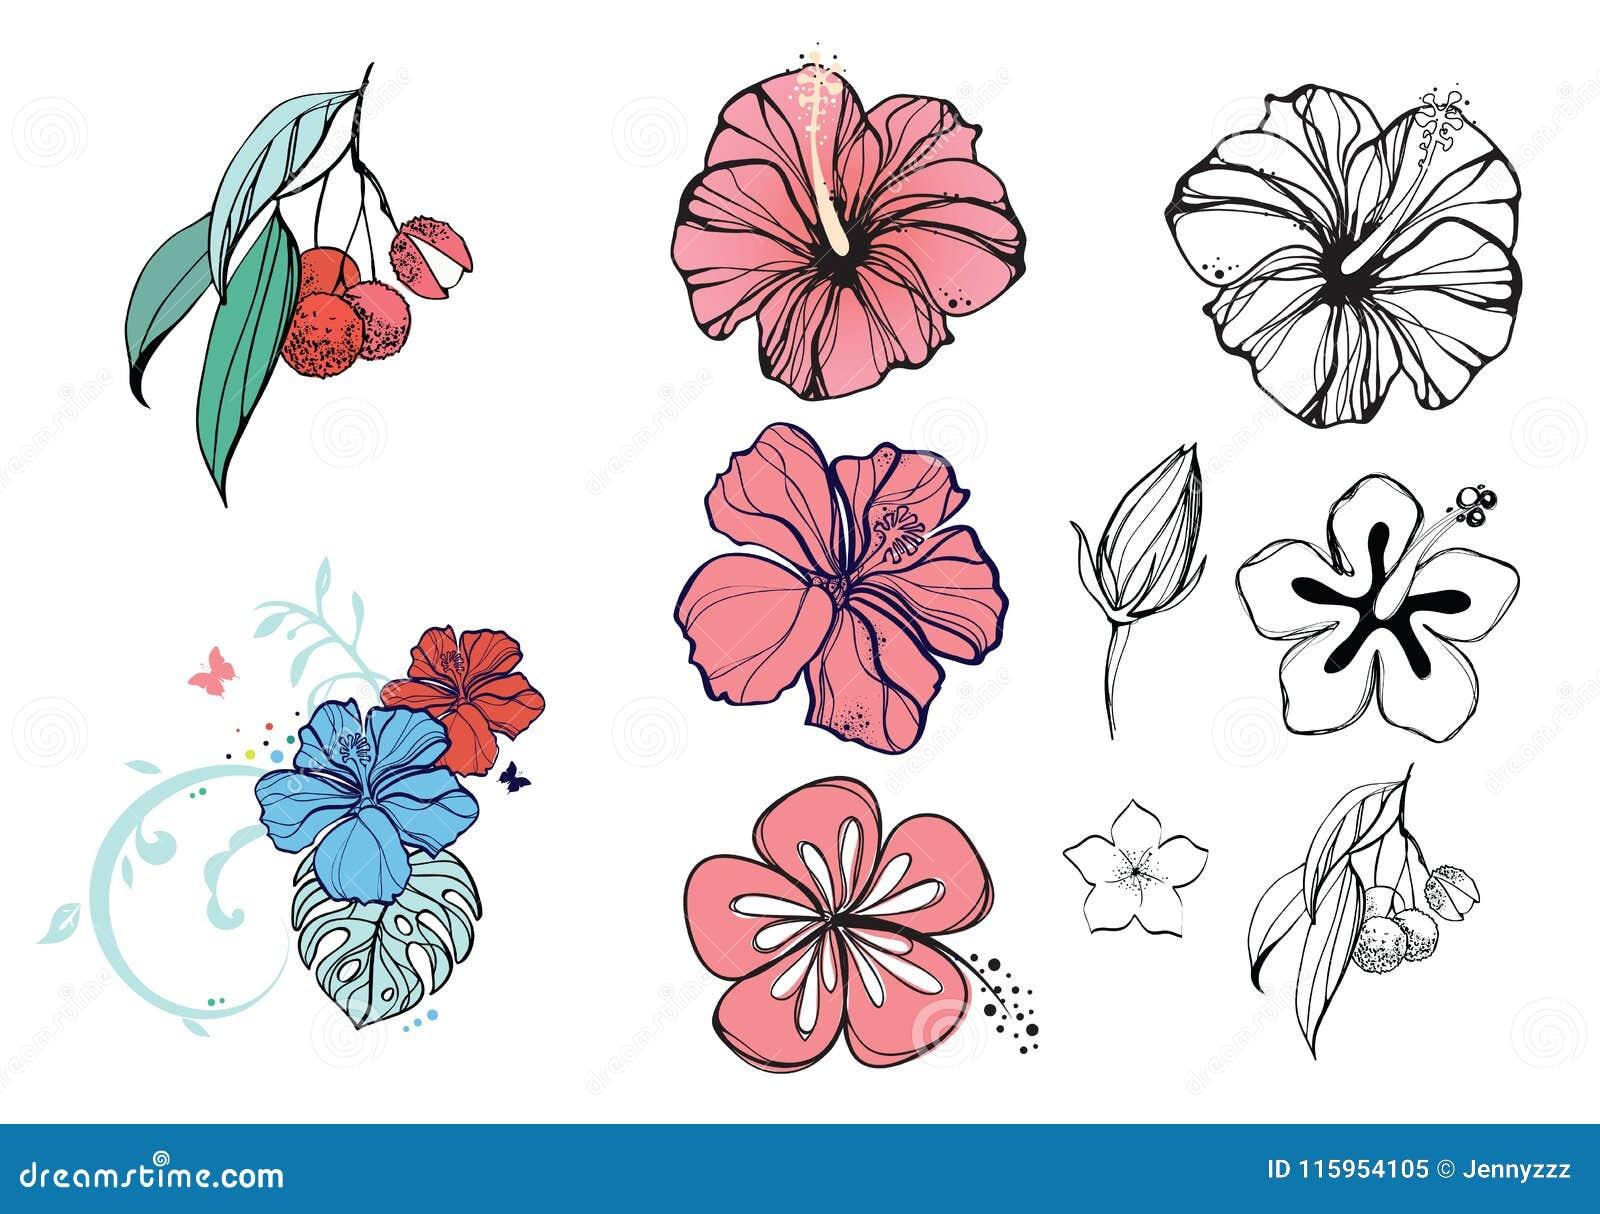 Ilustração tropical com flores e bagas, hibiscus, lichi